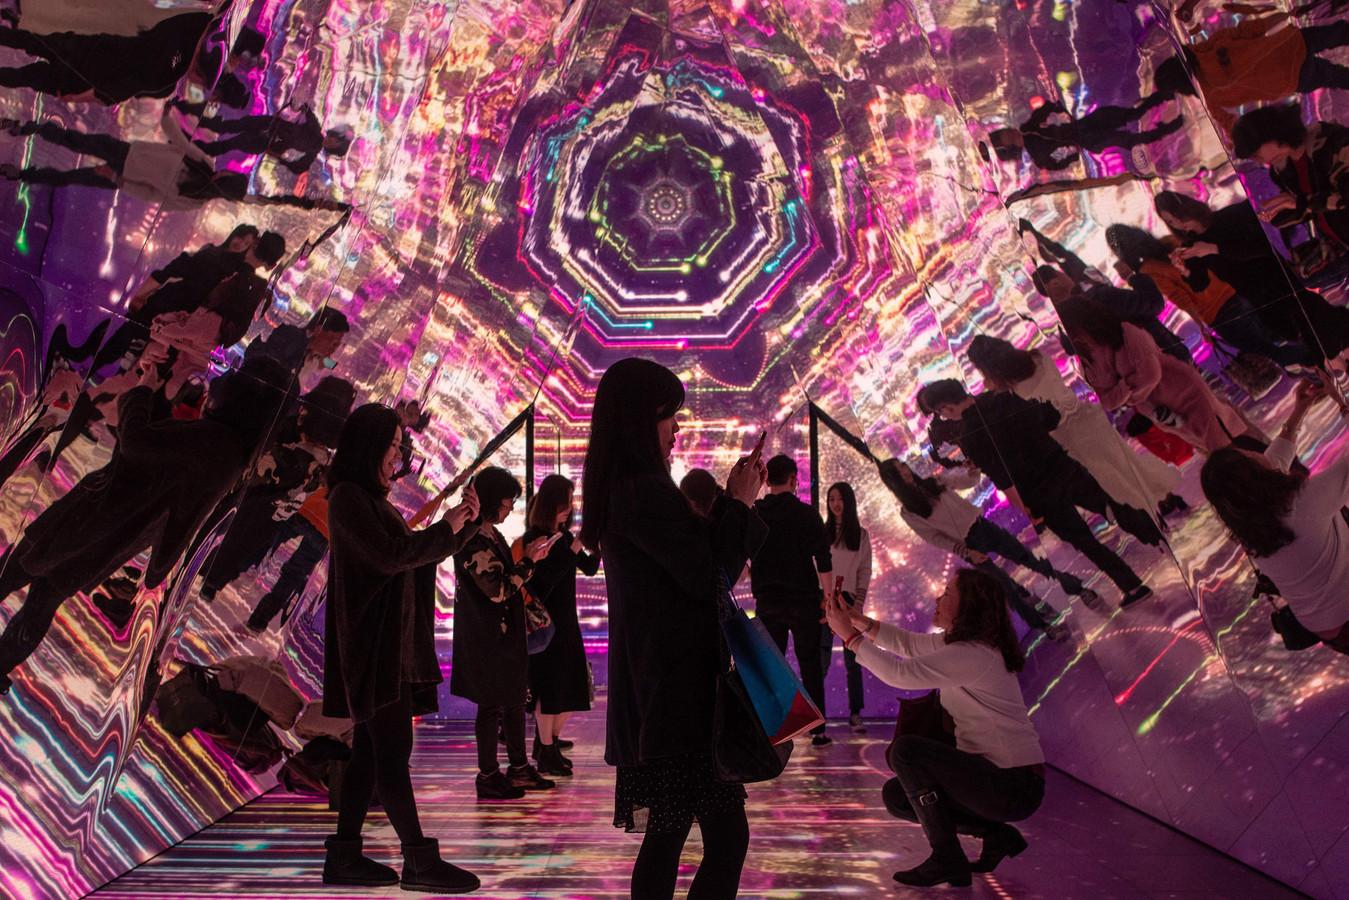 Mensen in een kaleidoscoop die deel is van kerstattracties in een winkelcentrum in Hongkong, China.